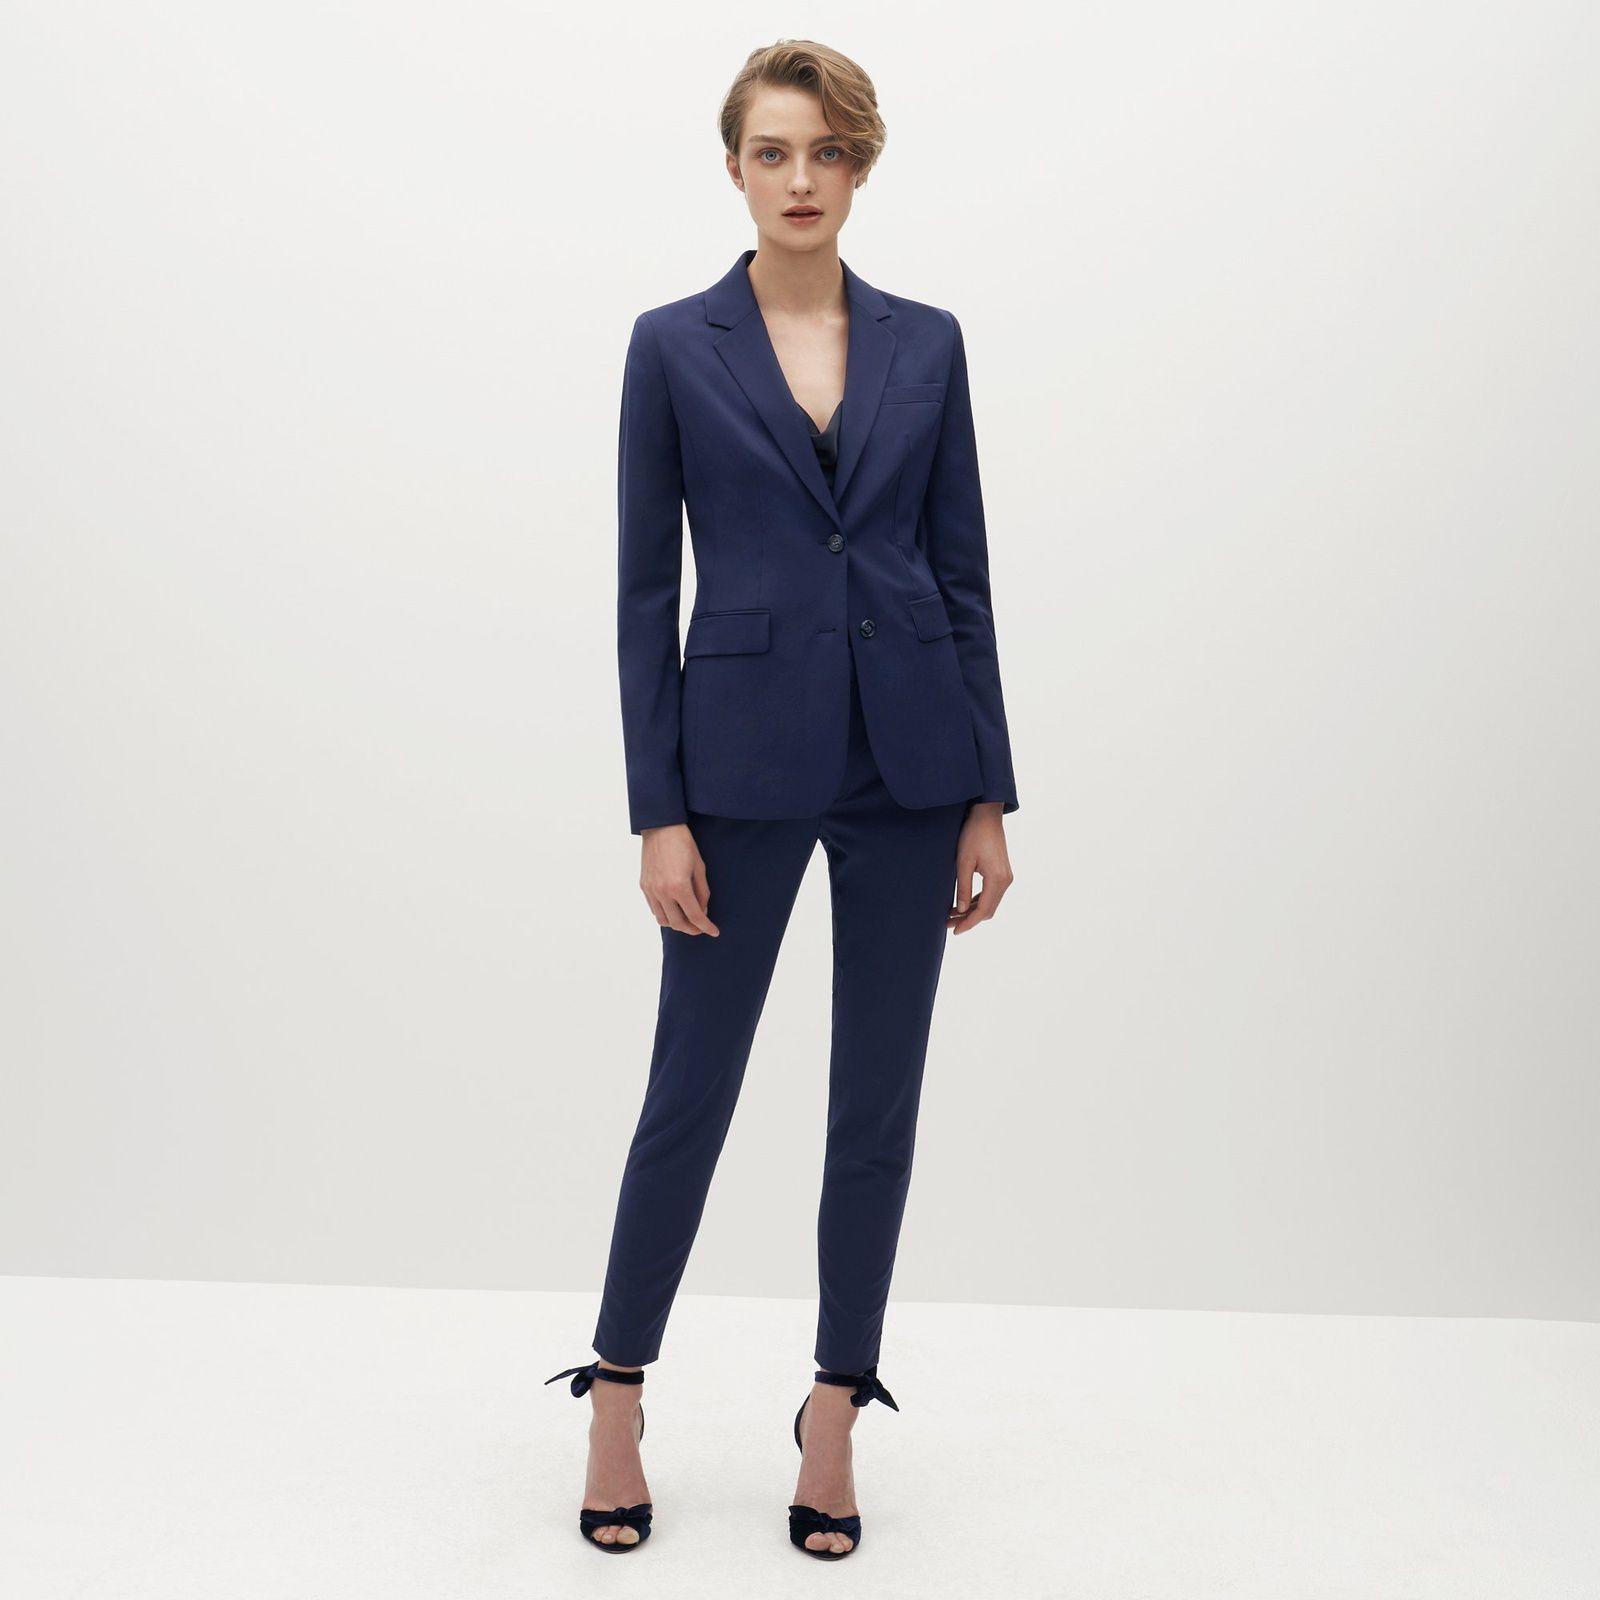 Suit Shop Brilliant Blue Suit